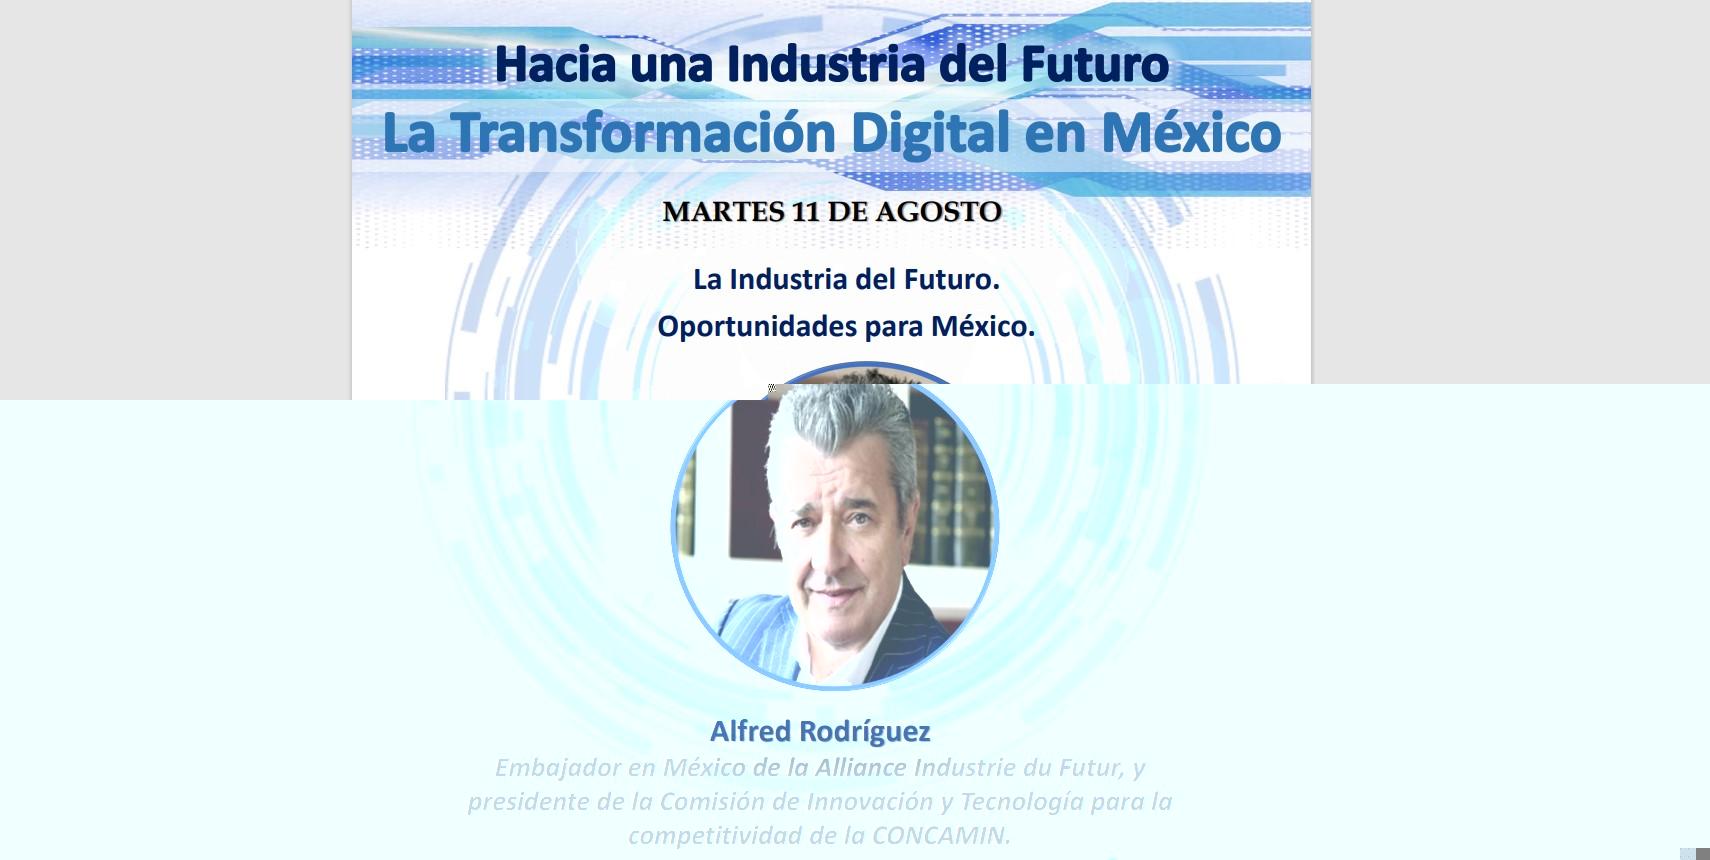 allfred rodriguez industria del futuro